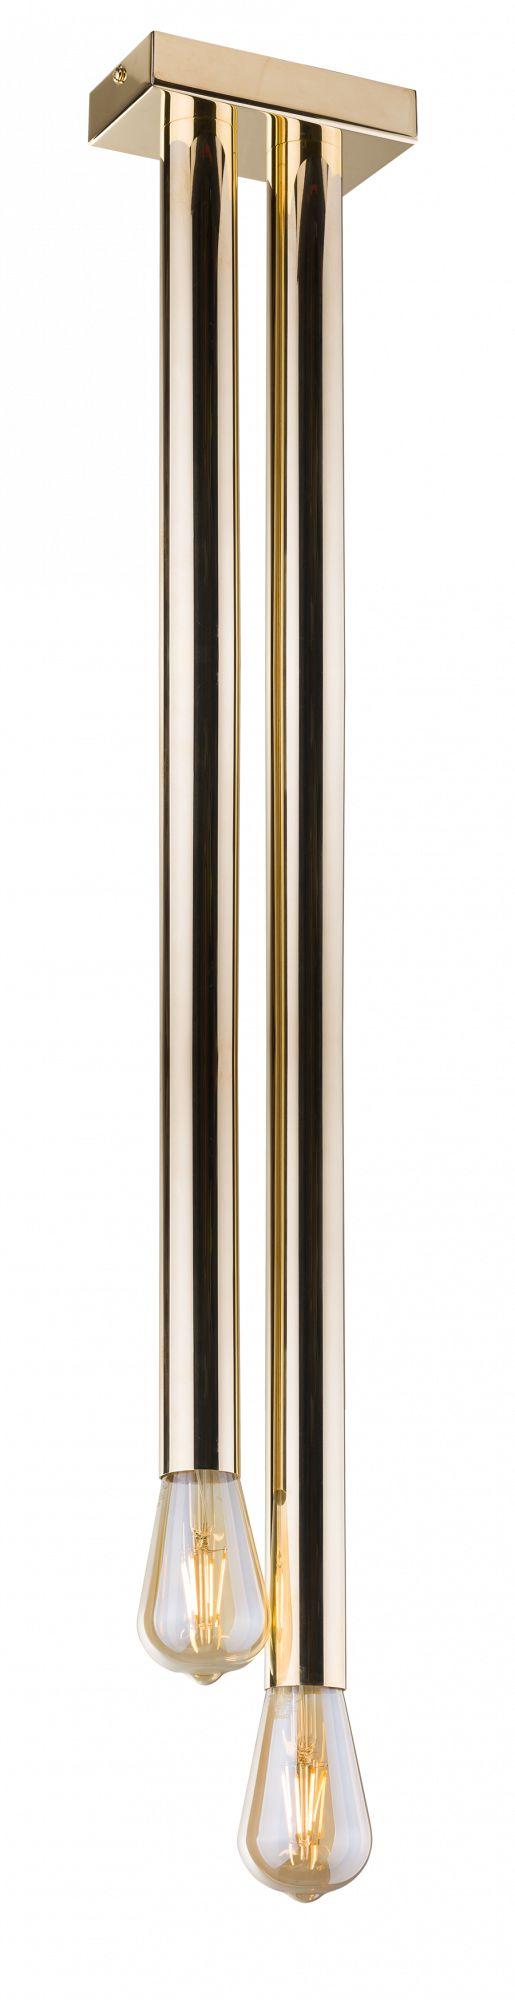 Plafon Lagos 0628 Amplex złota oprawa sufitowa w nowoczesnym stylu